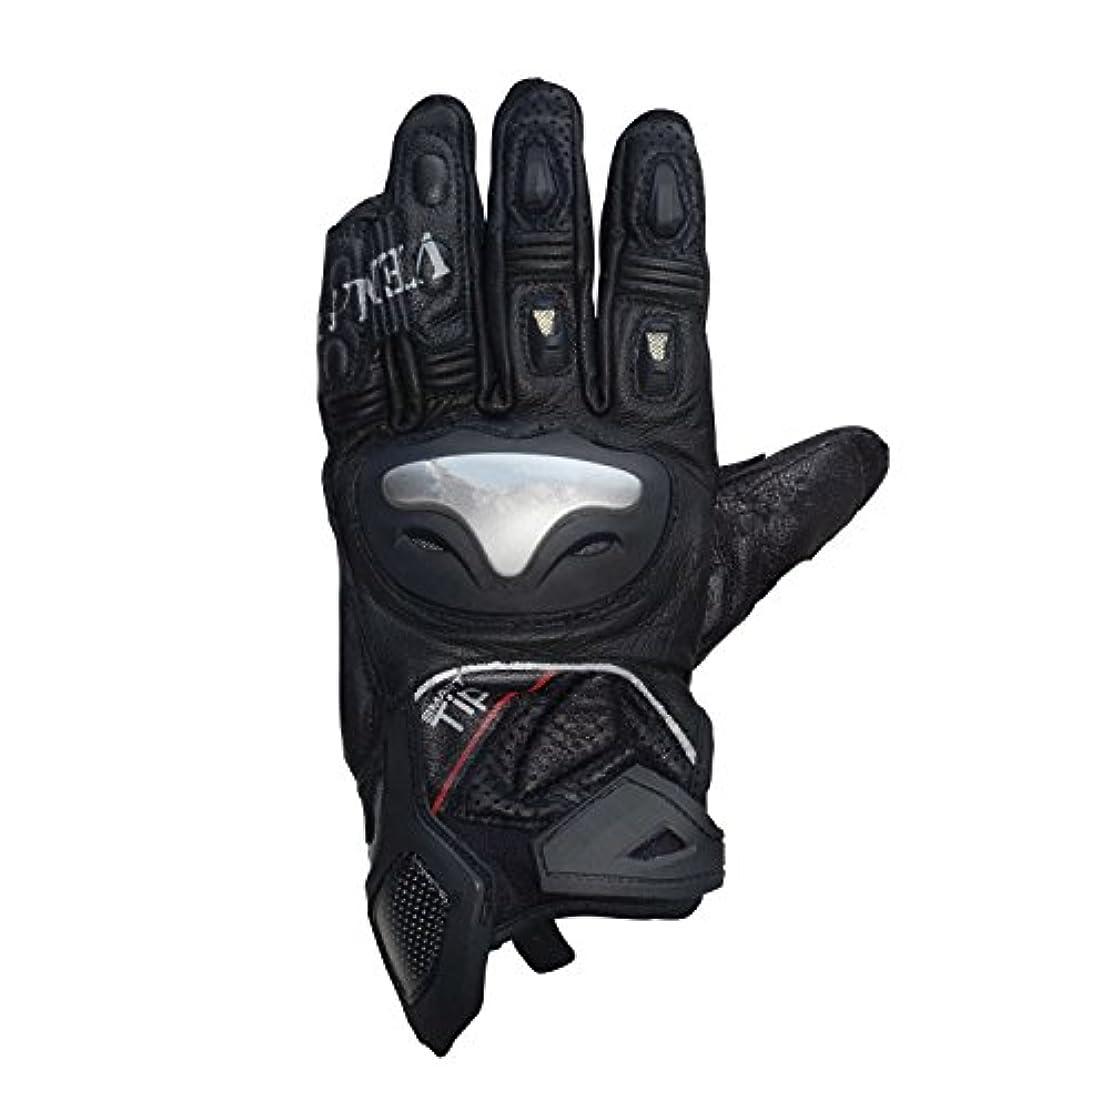 歌う責め理想的にはGLJJQMY アンチ秋通気性オートバイ手袋カーボンファイバーレザーグローブ、ブラック グローブ (サイズ さいず : M)